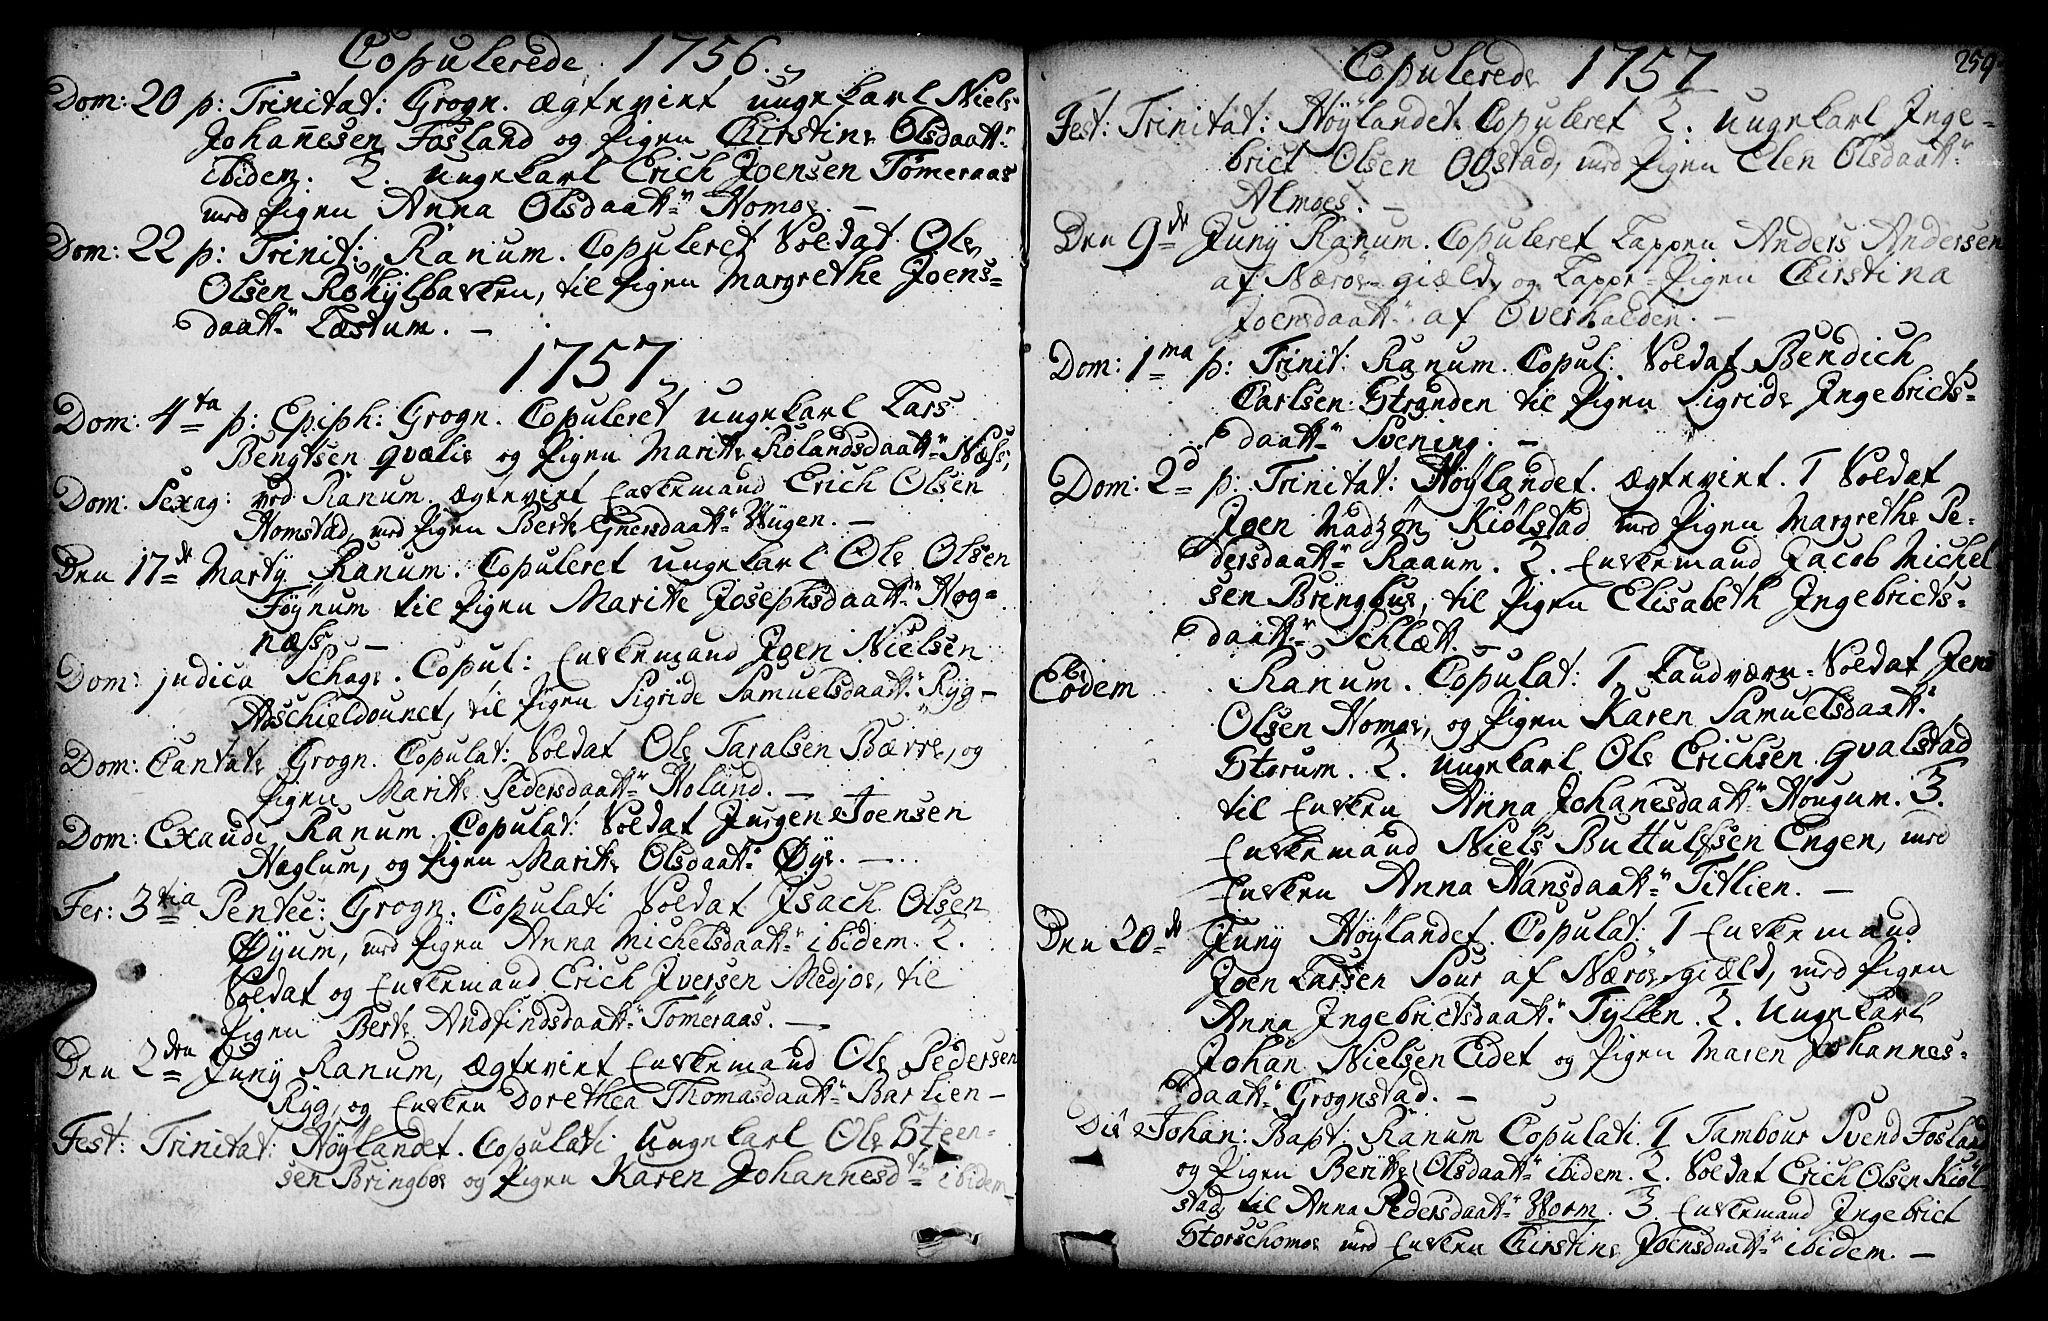 SAT, Ministerialprotokoller, klokkerbøker og fødselsregistre - Nord-Trøndelag, 764/L0542: Ministerialbok nr. 764A02, 1748-1779, s. 259